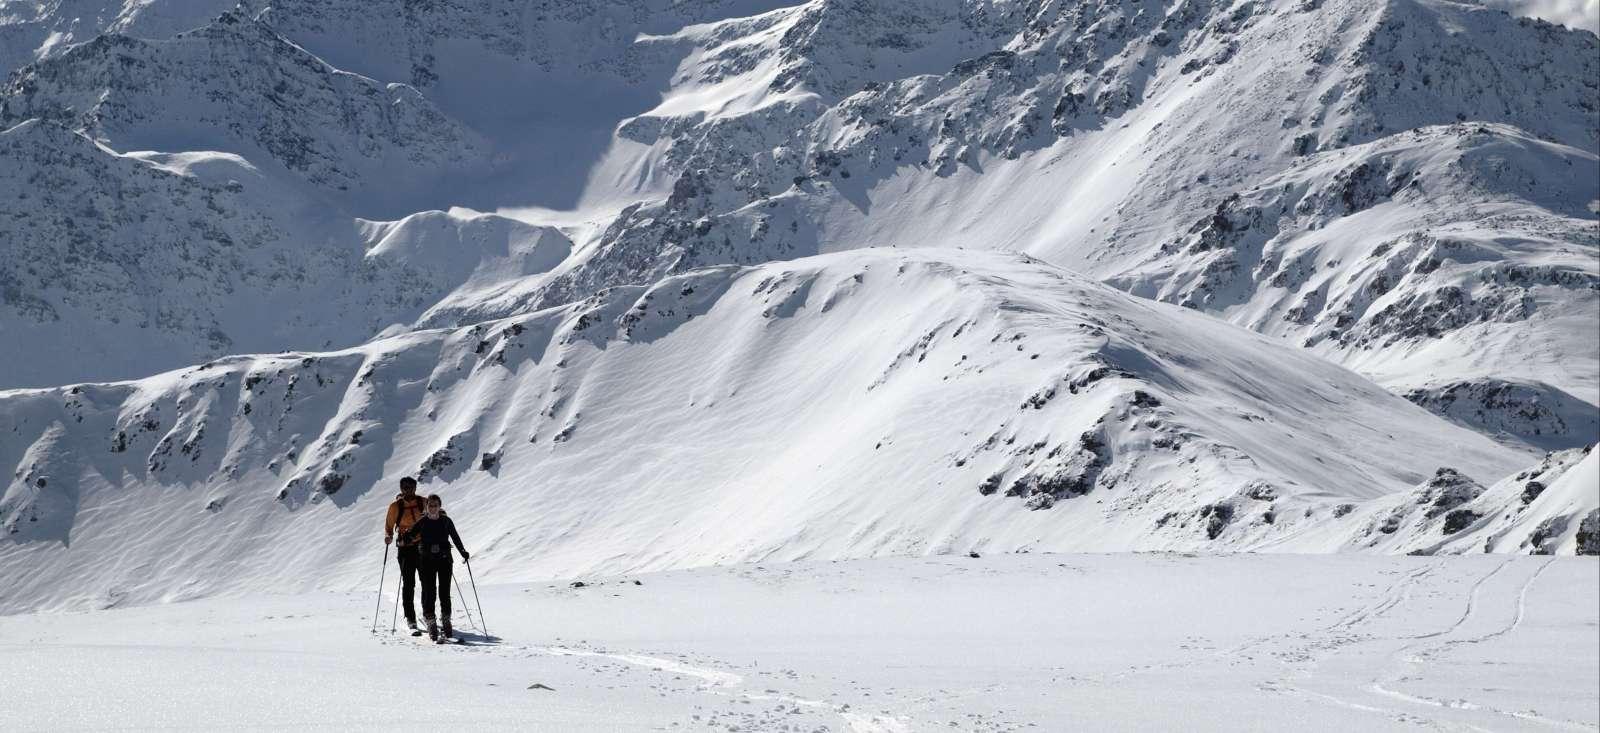 Voyage à la neige Suisse : Les Alpes suisses en raquettes